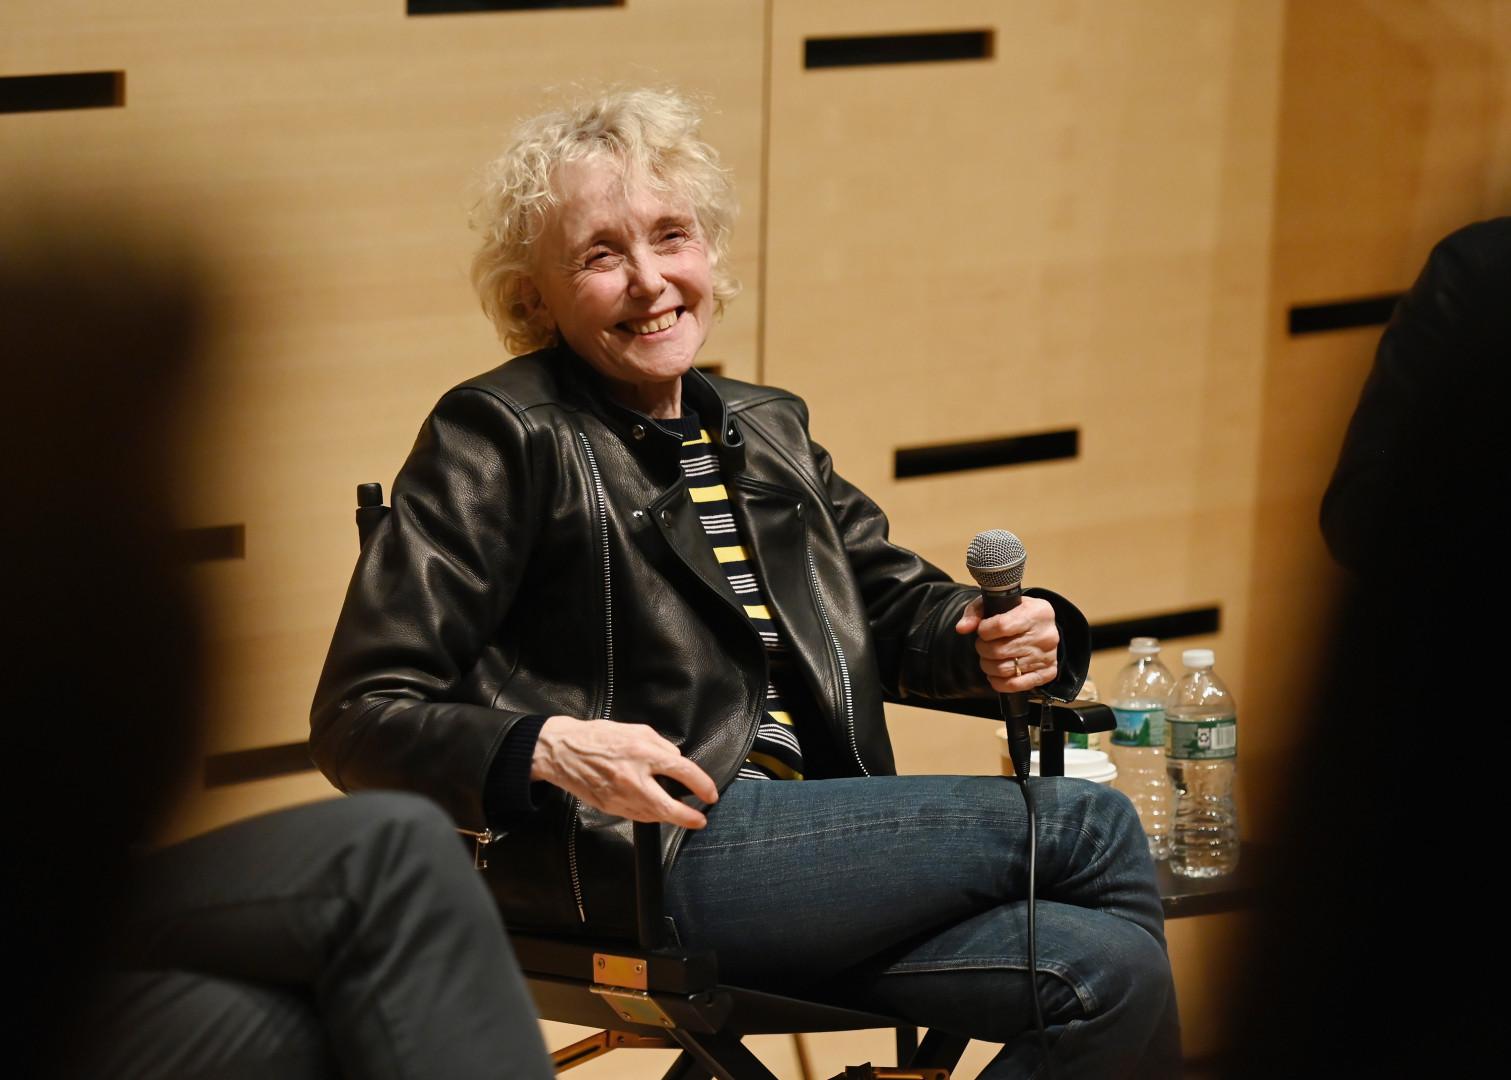 Claire Denis, réalisatrice et scénariste française, présidente du jury Cinéfondation et courts-métrages